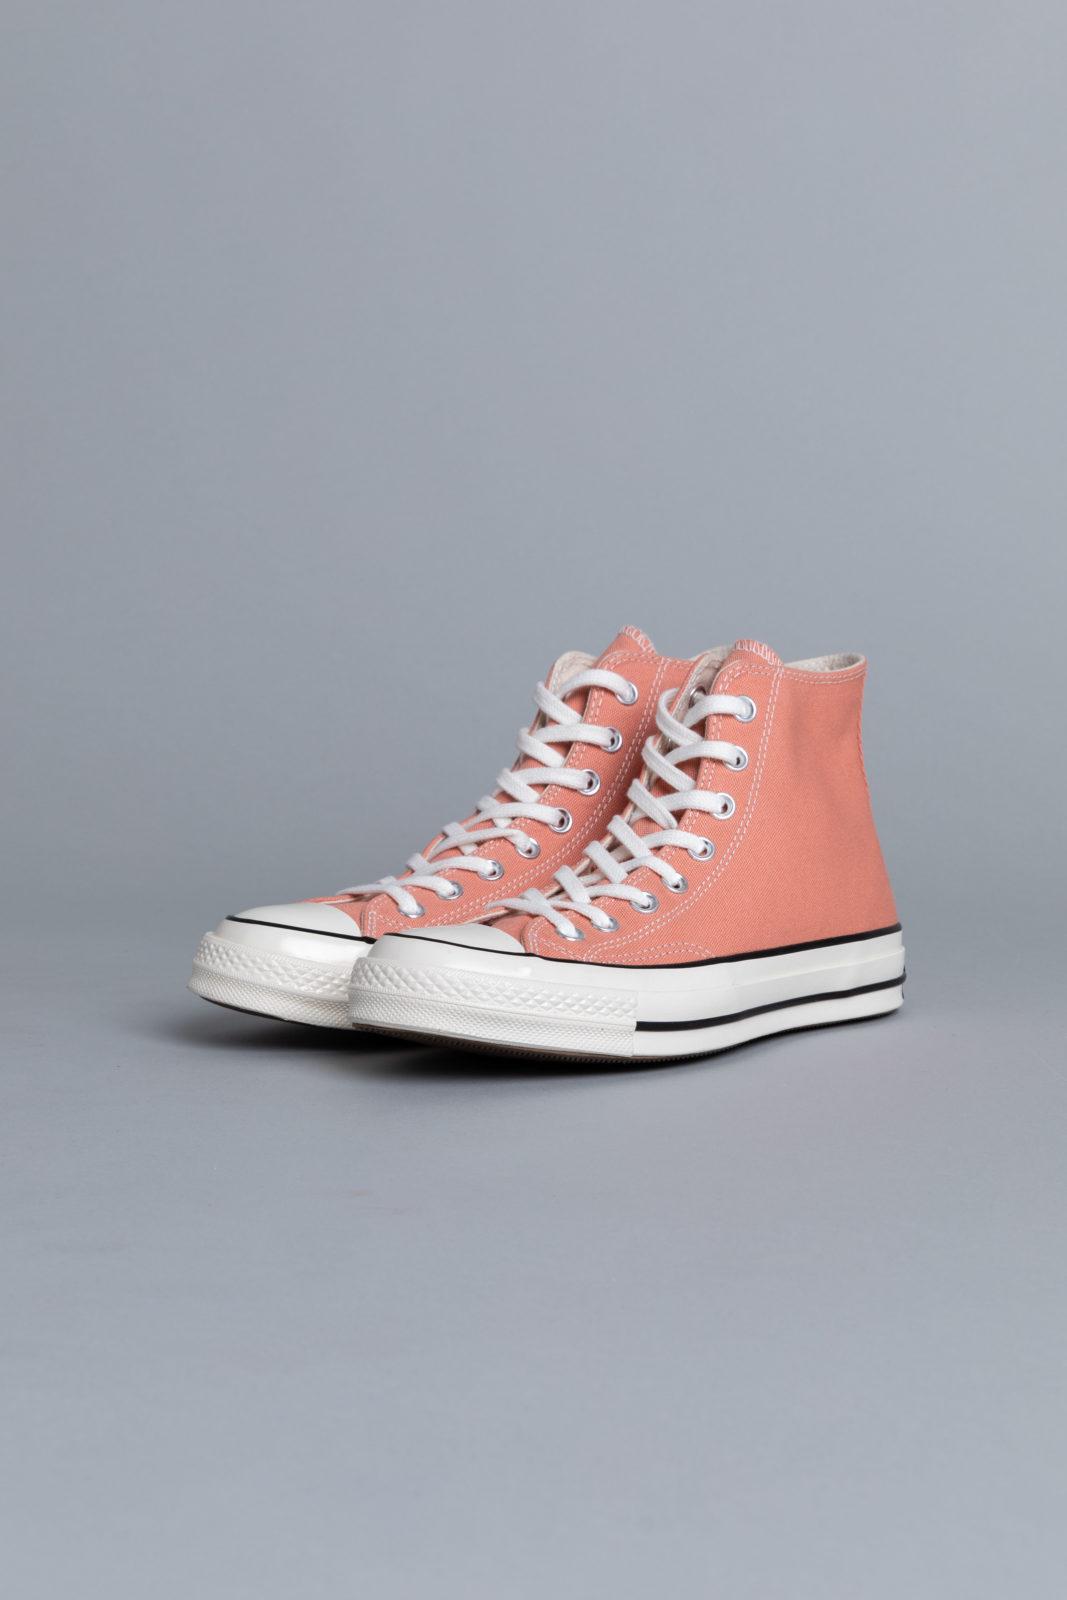 70760d387c86 Converse Chuck Taylor High 70 Desert Peach • Centreville Store Brussels